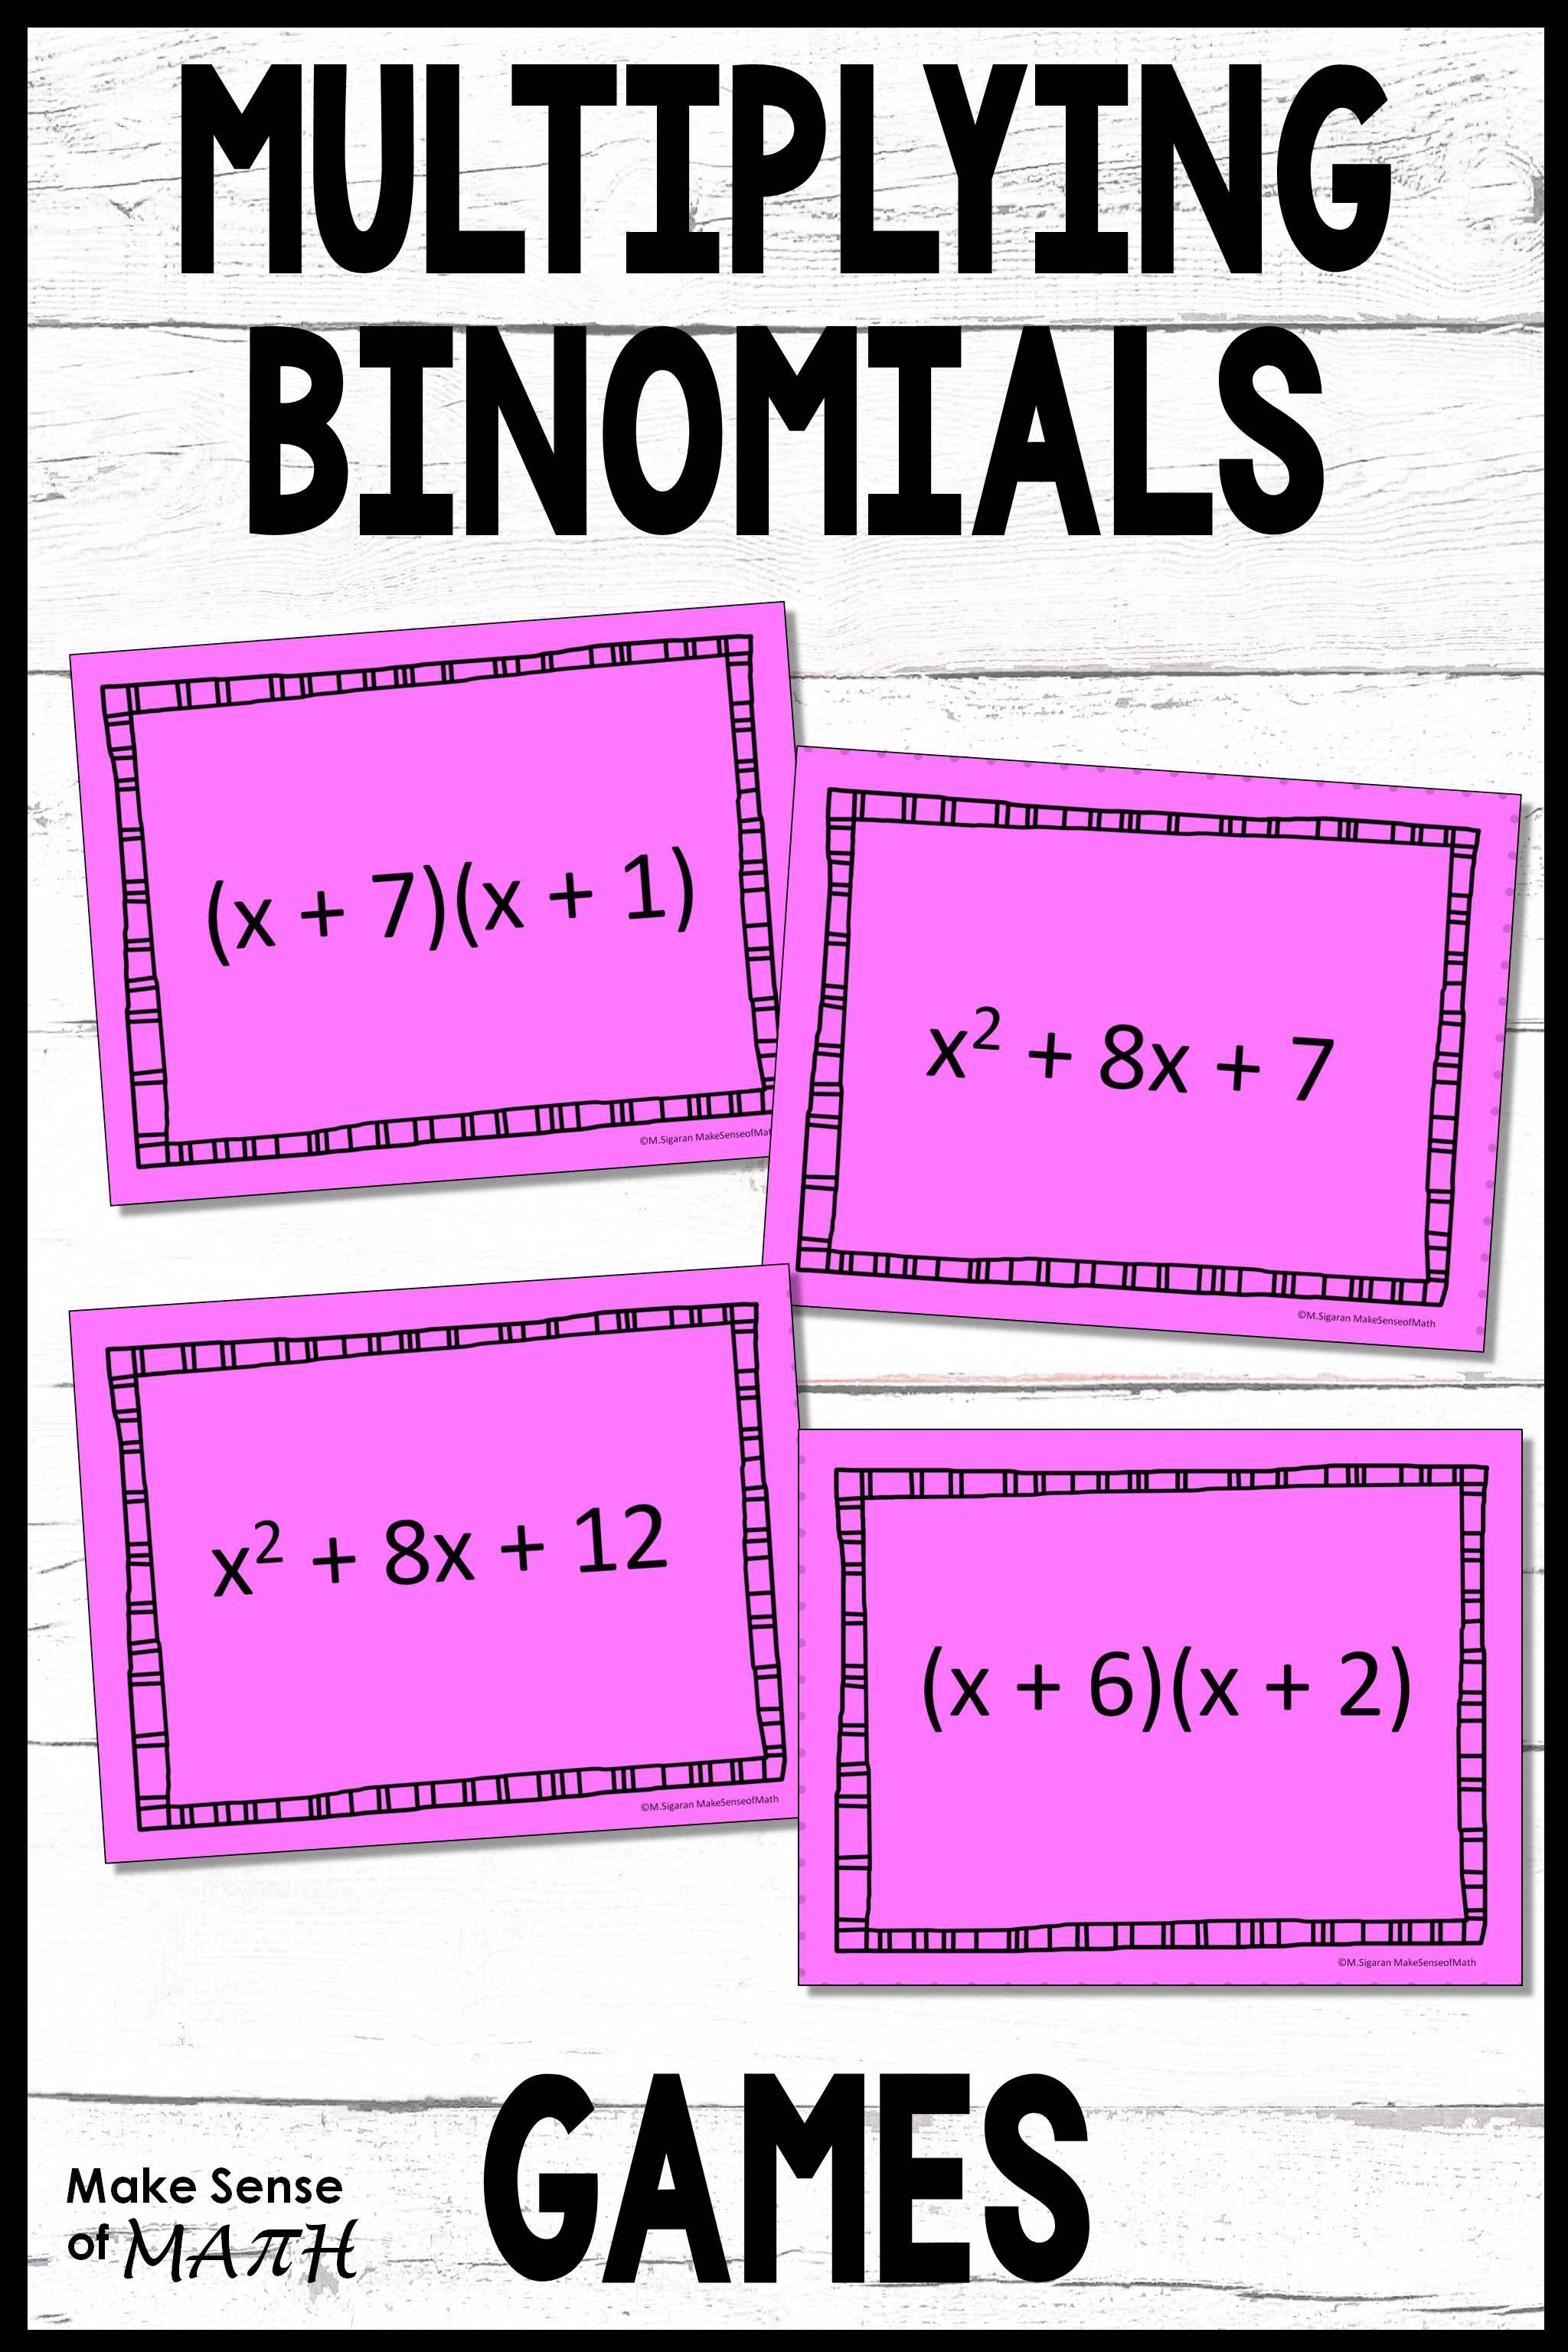 Multiplying Binomials Activities And Games Maths Activities Middle School Math Games Middle School Middle School Math